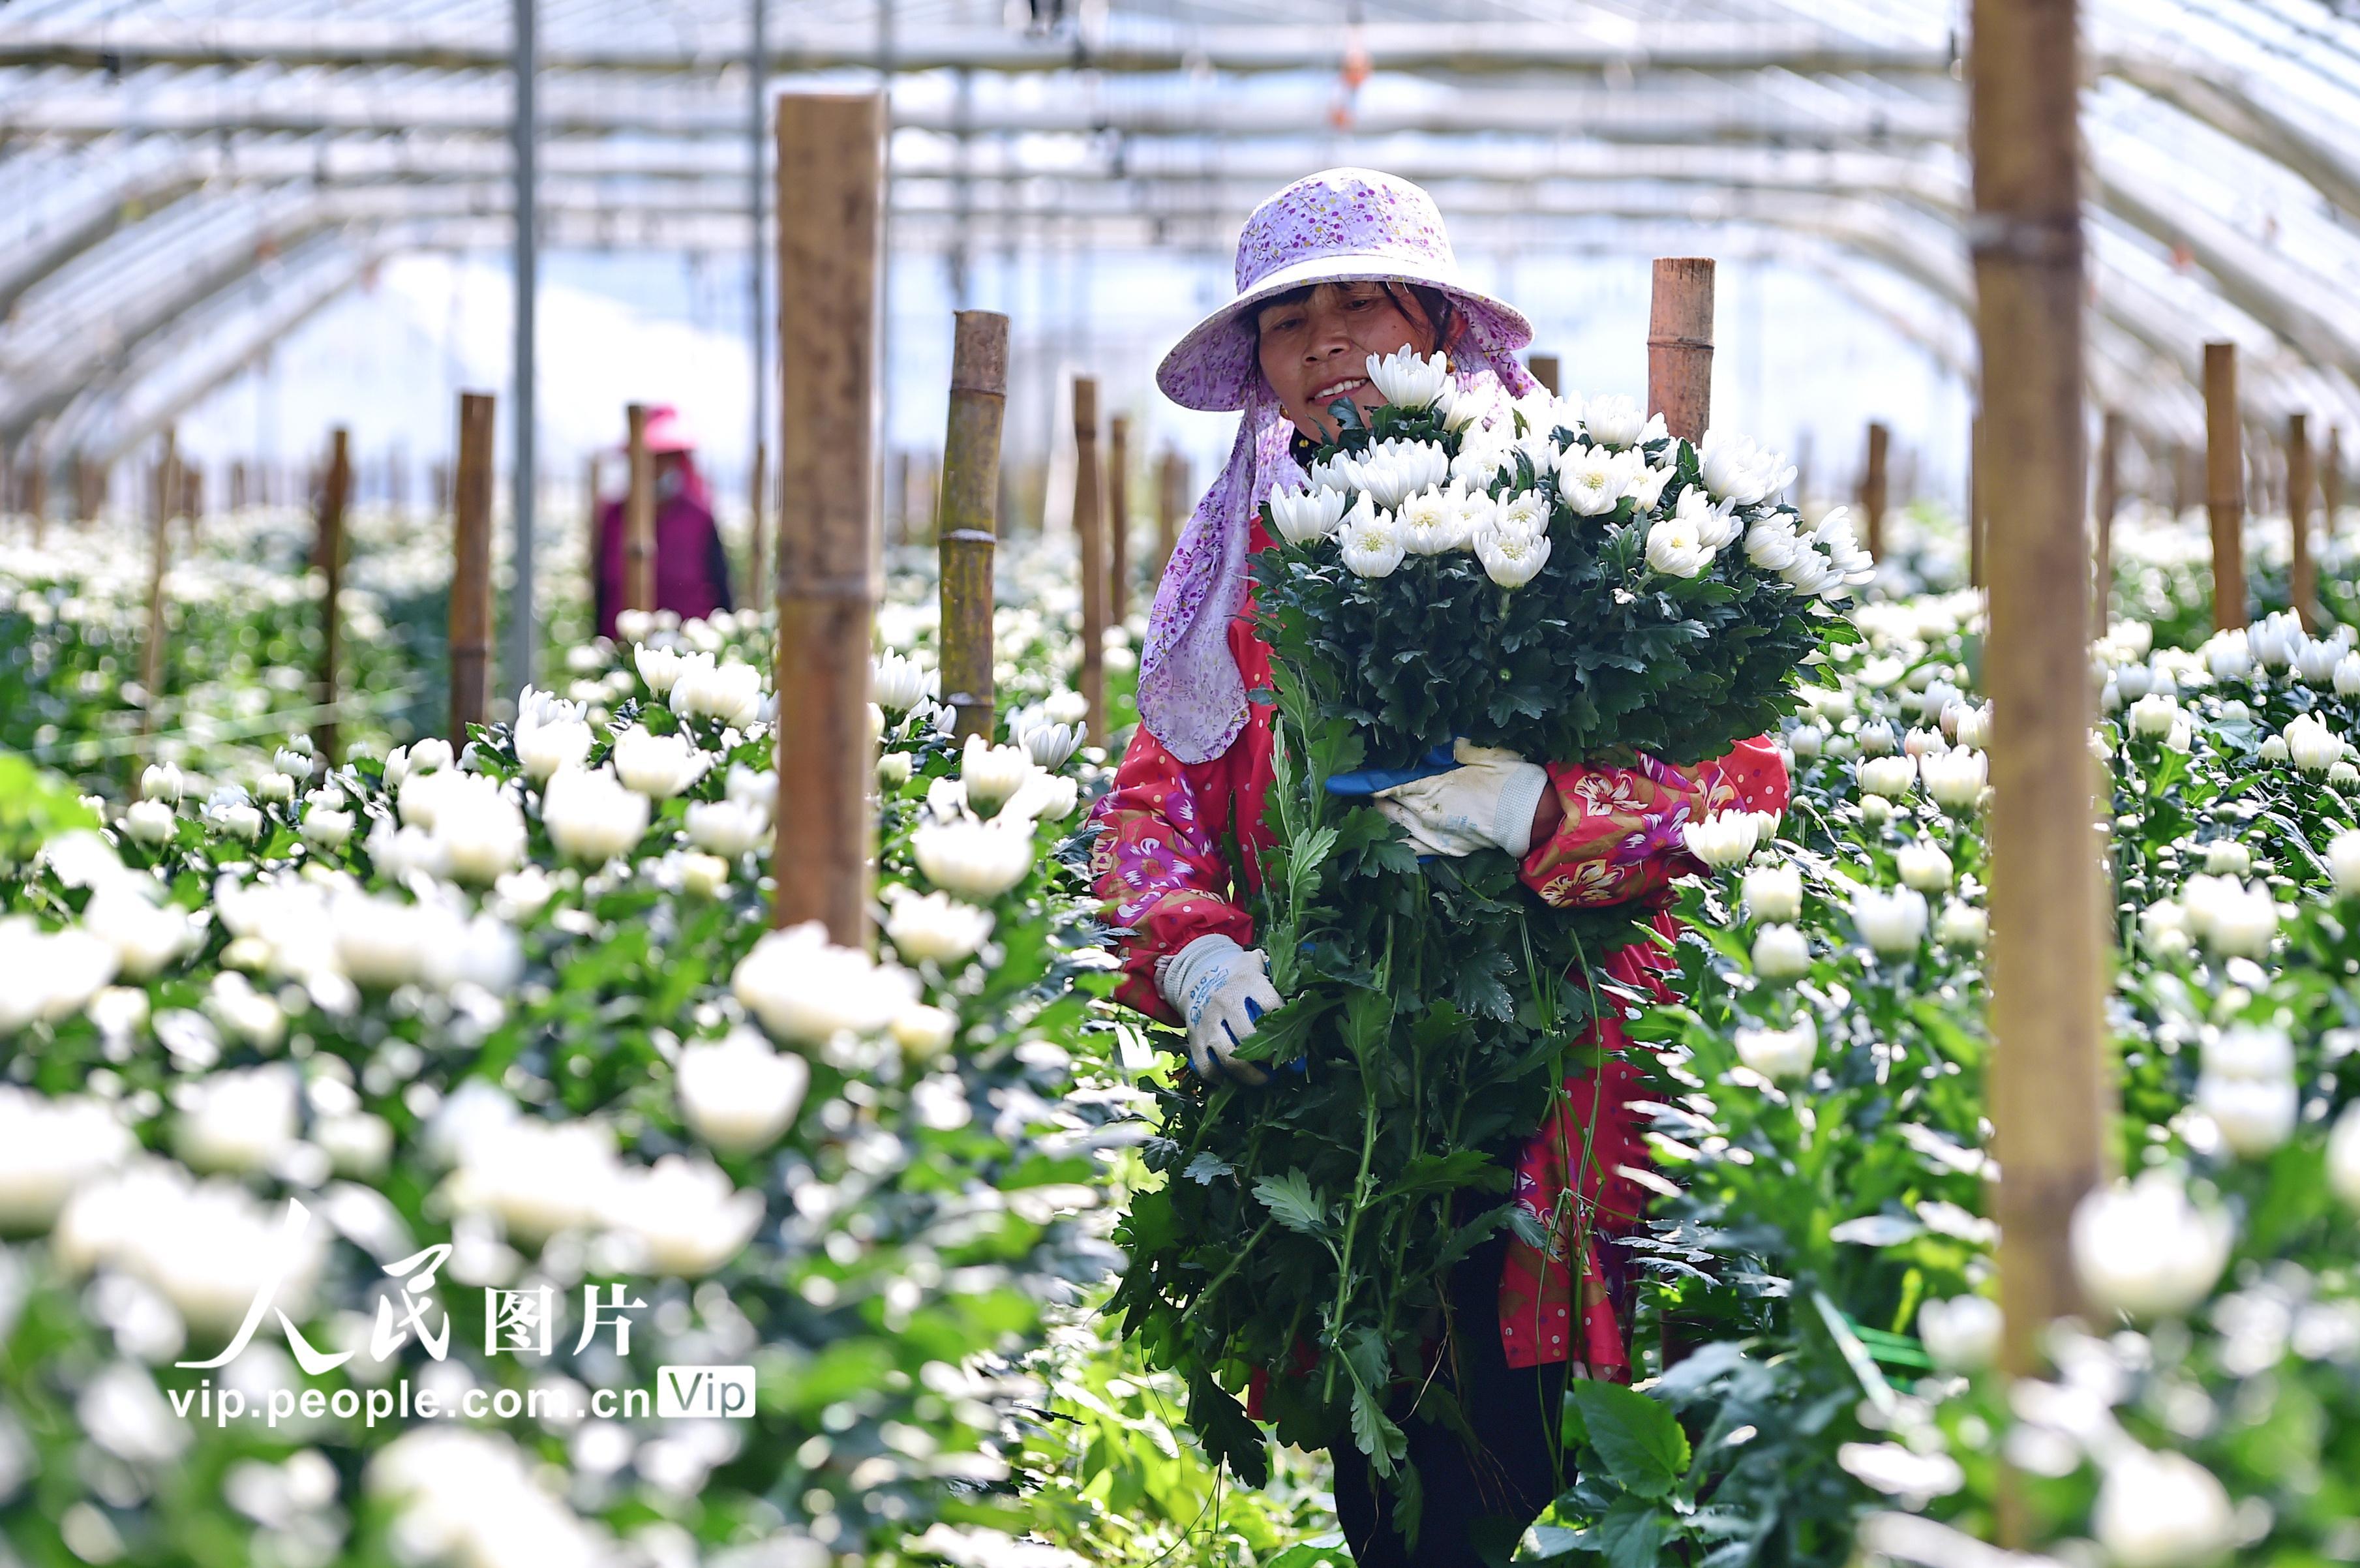 2020年11月16日,江西省赣州市会昌县小密乡半迳村,花农在鲜切花种植基地大棚里采摘小菊花。